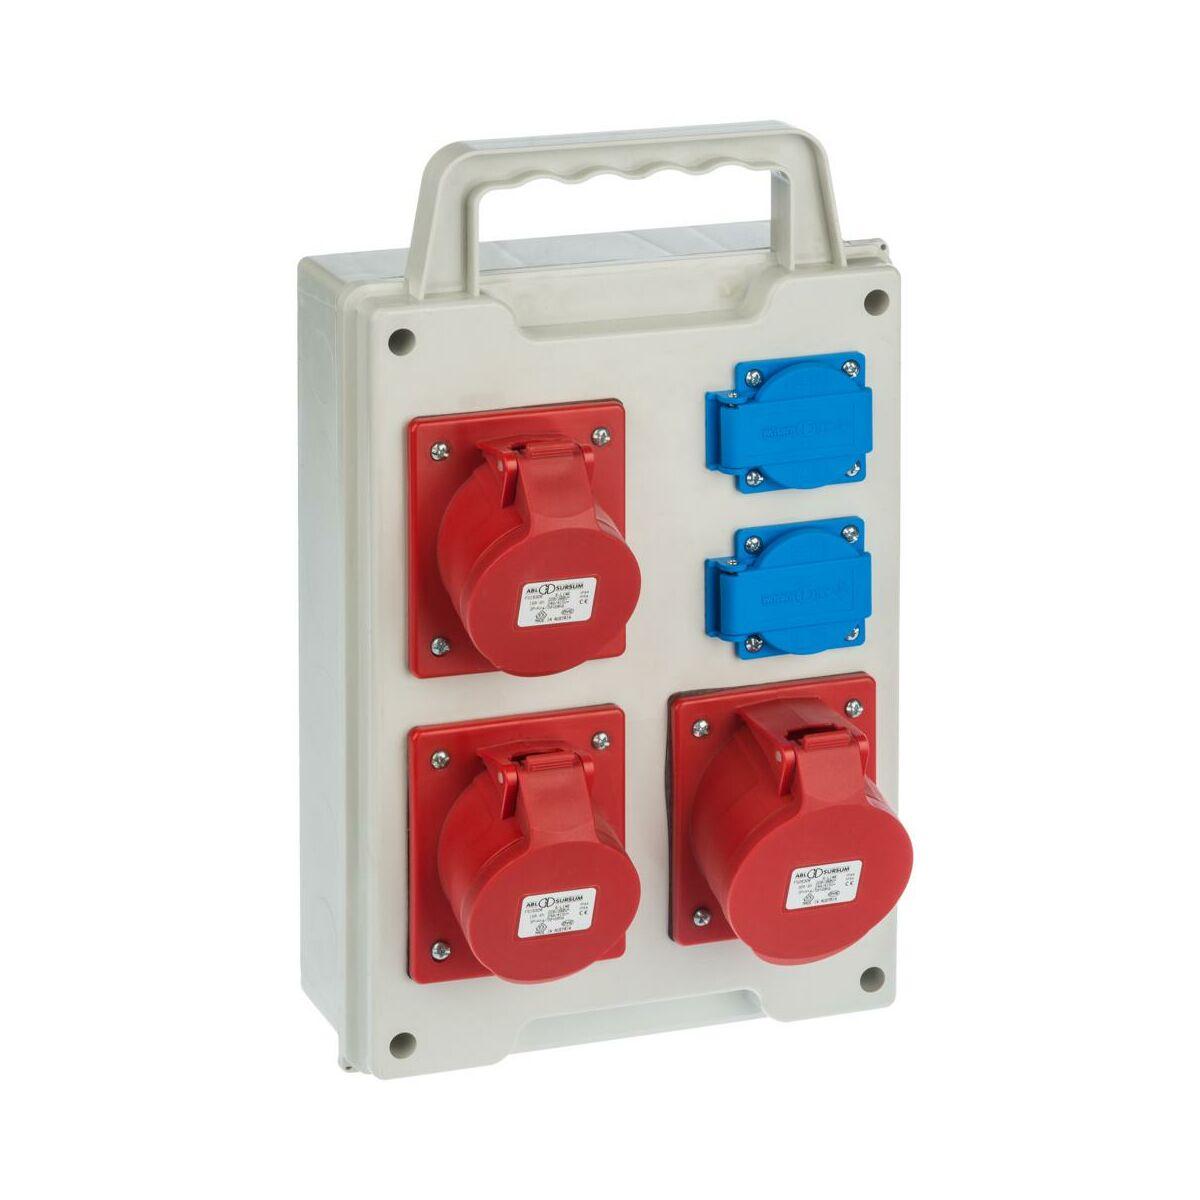 Rozdzielnica elektryczna bez wyposażenia RS 6215 - 00 / 2 X 2P + Z 3 X 3P + N + Z 16 / 32A ELEKTRO-PLAST